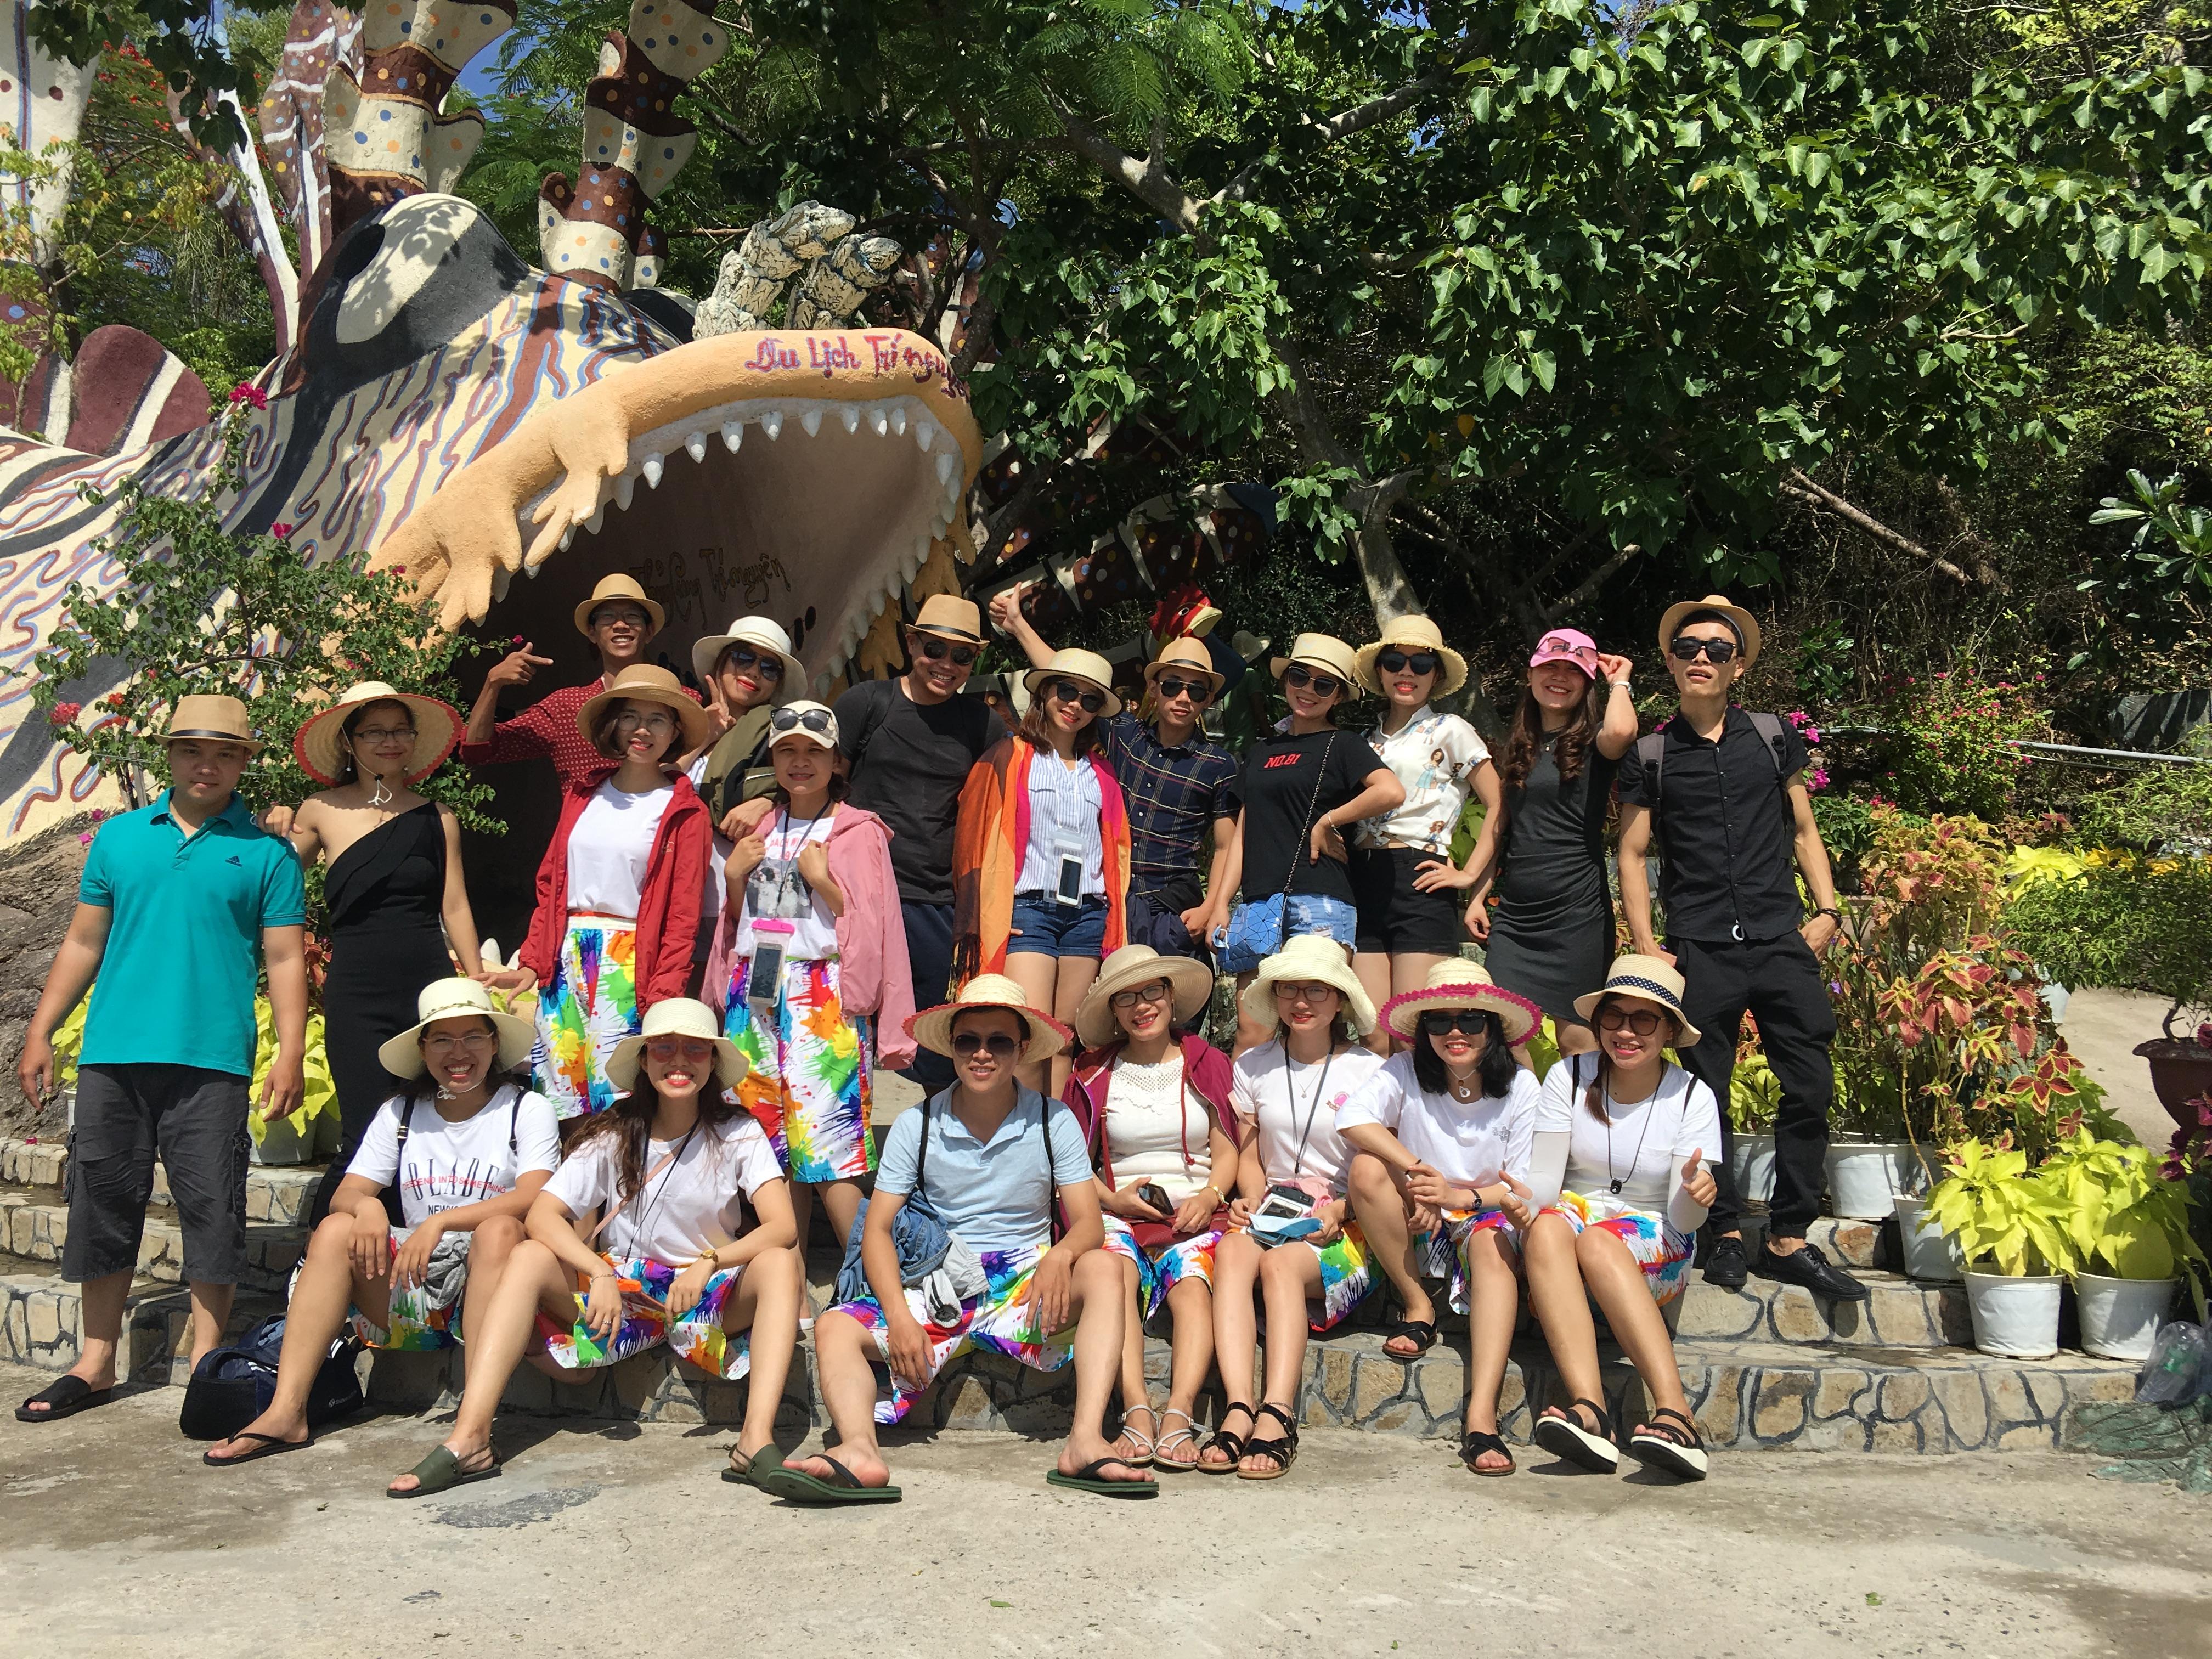 Hành trình đáng nhớ đến thành phố biển Nha Trang của công ty VRM